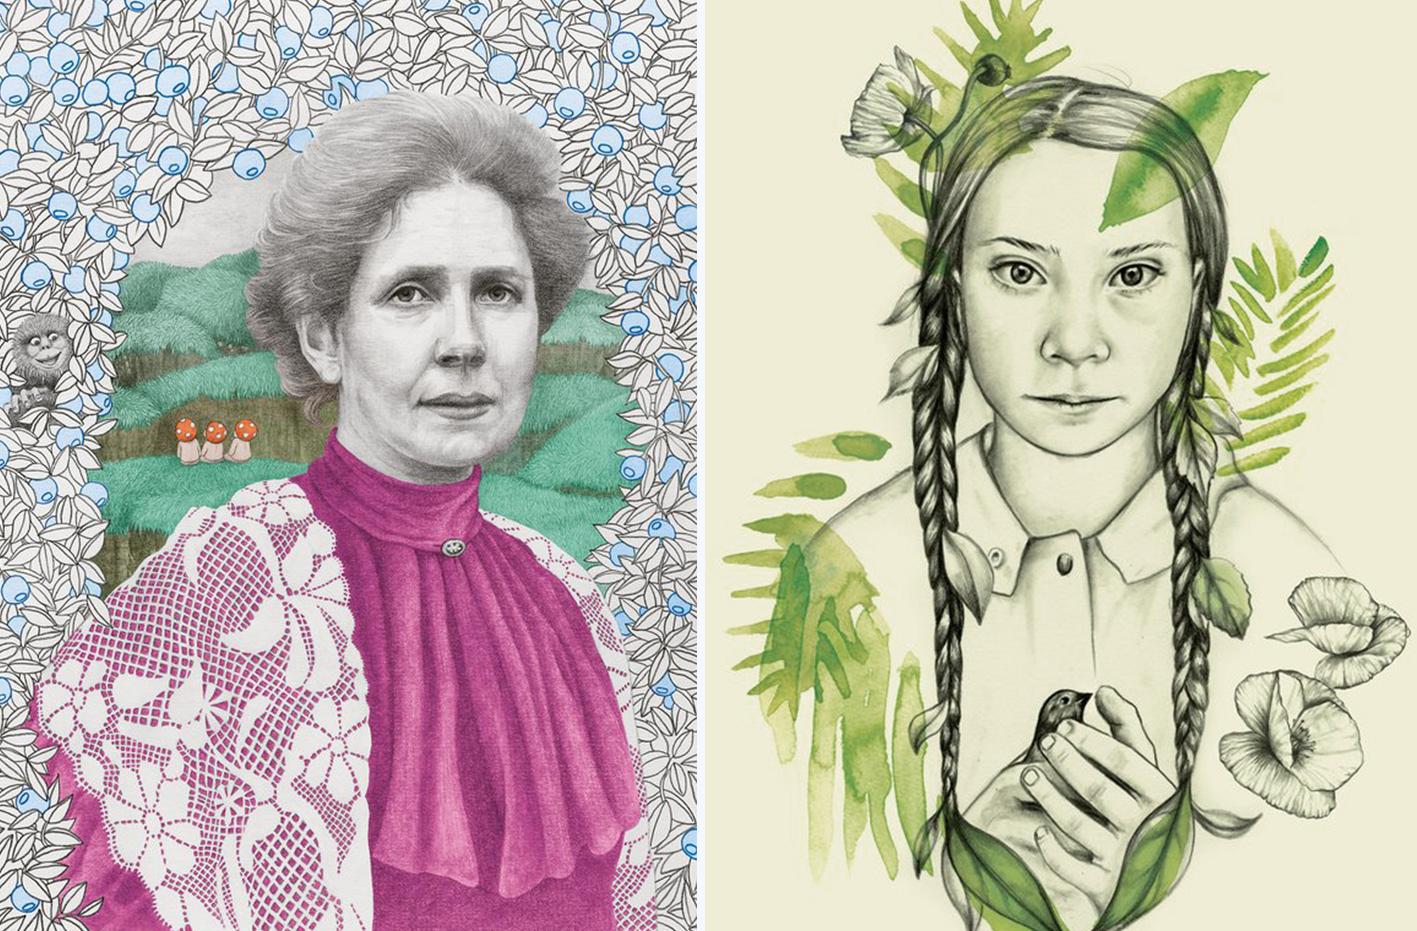 svenska-hjaeltinnor-illustrations